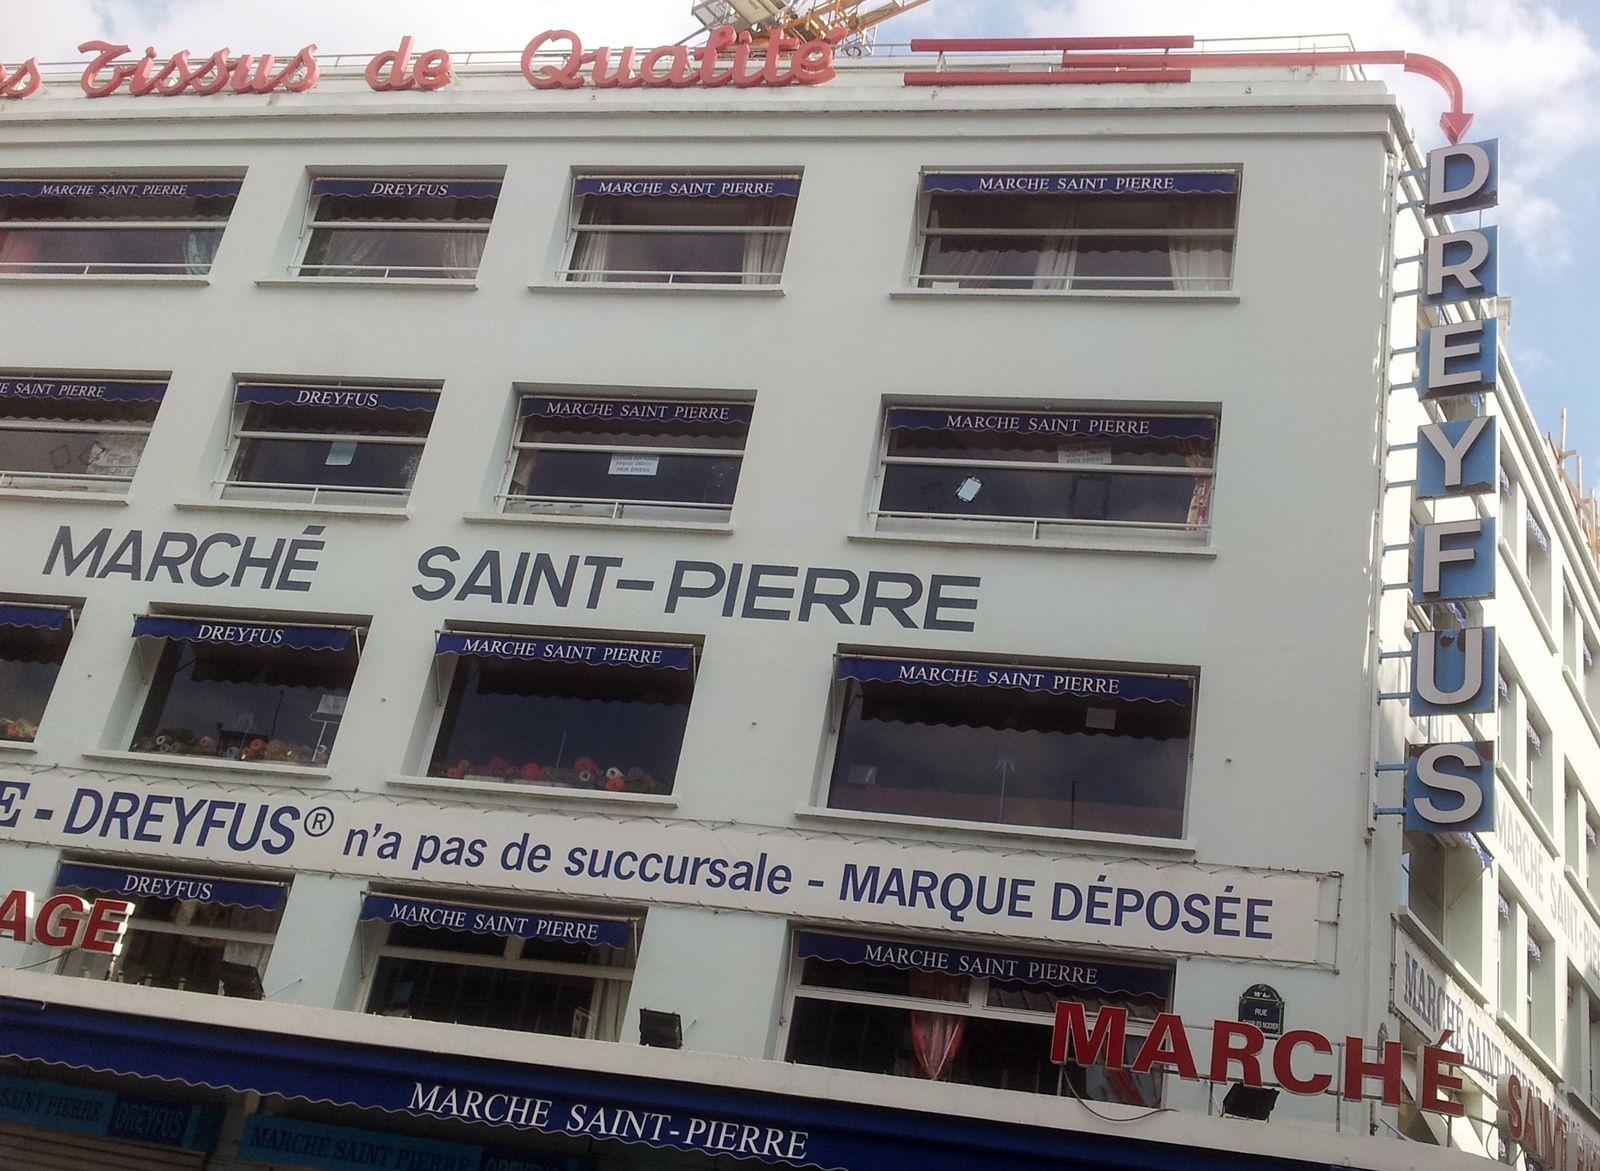 Oh ! misère...c'est fermé chez  Reine et au marché Saint Pierre....